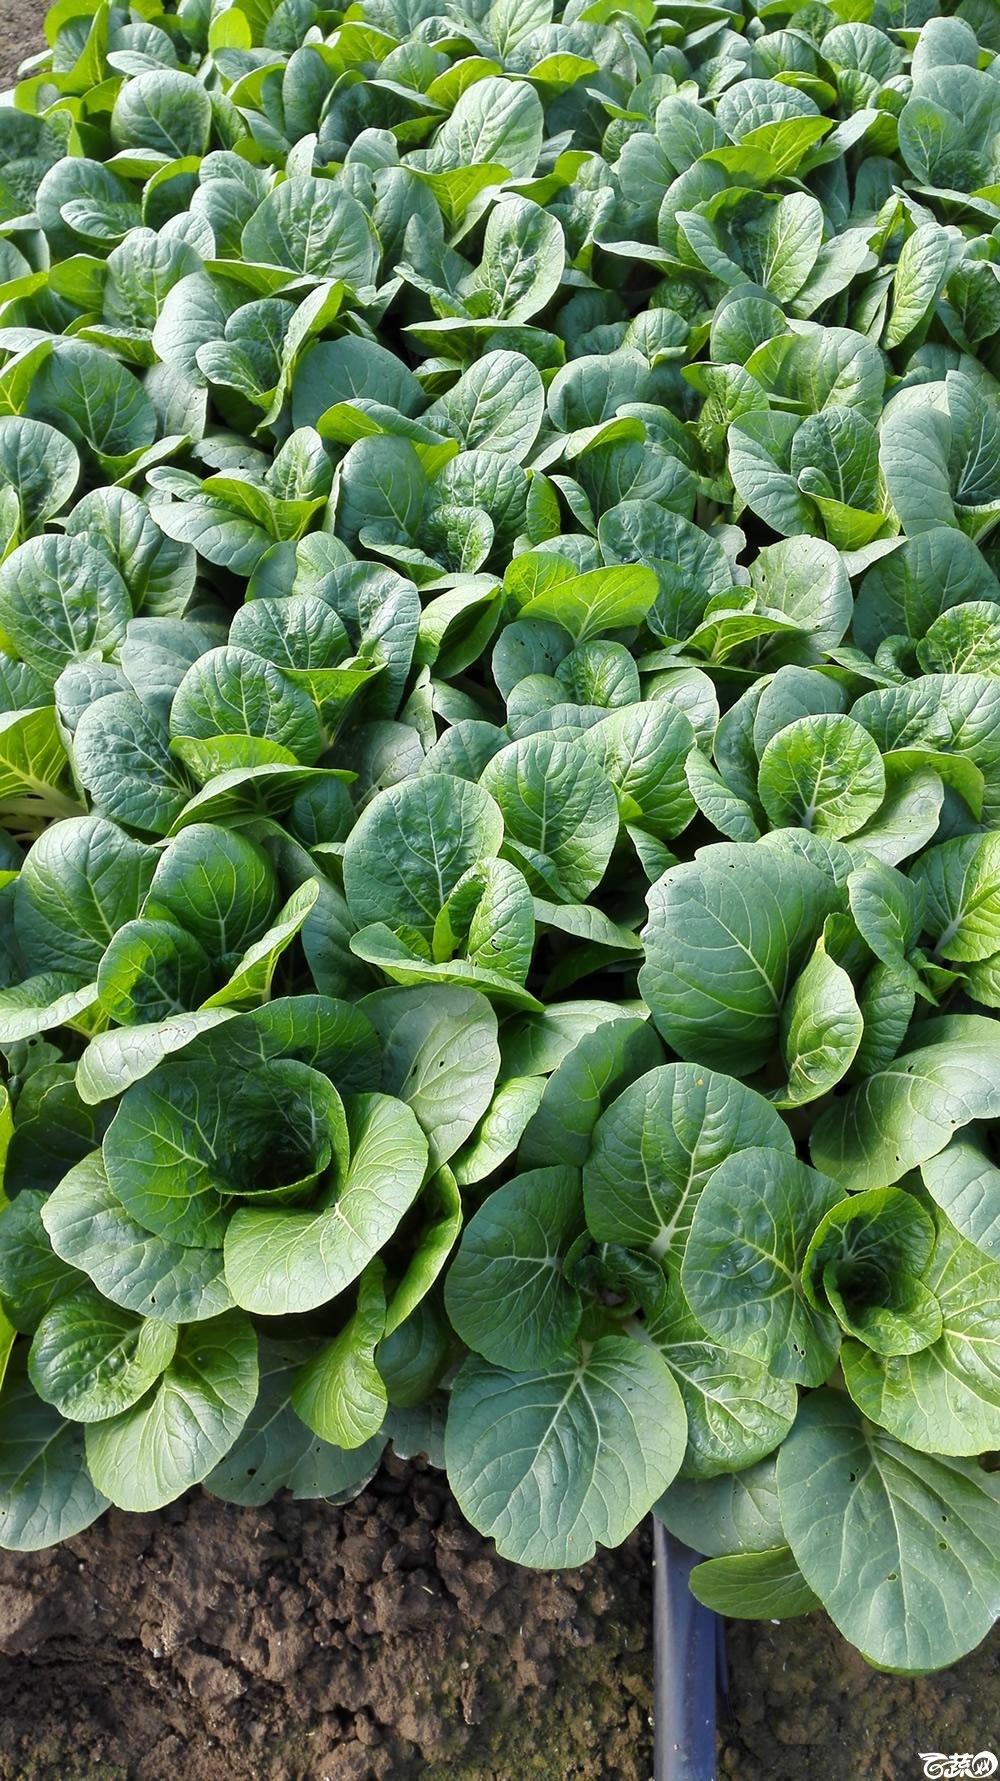 2014年12月10号广州市农科院南沙秋季蔬菜新品种展示会_叶菜_245.jpg